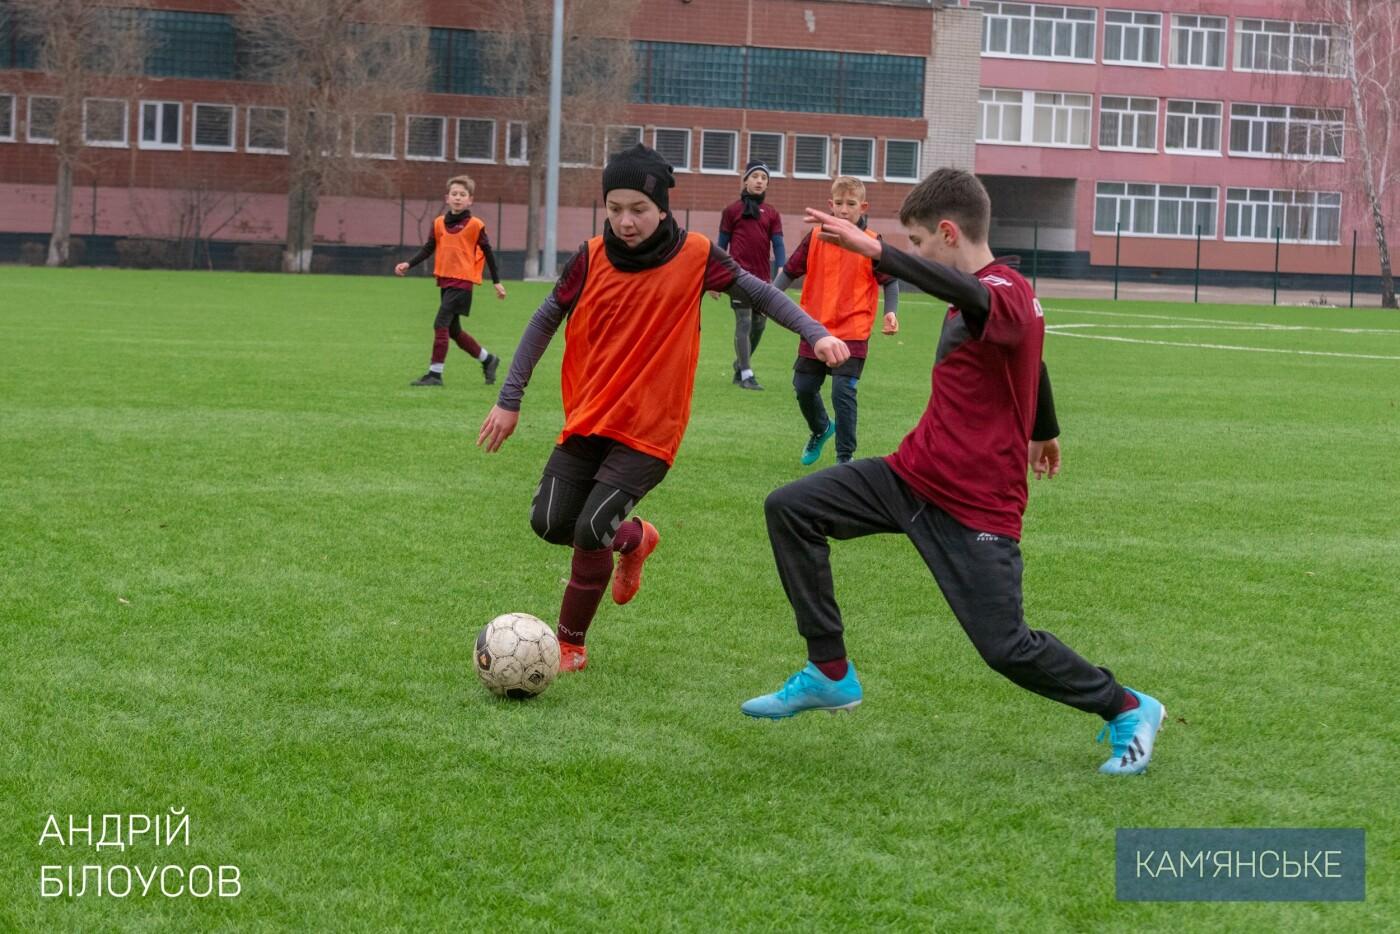 Мэр Каменского поздравил футбольную команду «Надія-Nova», фото-3